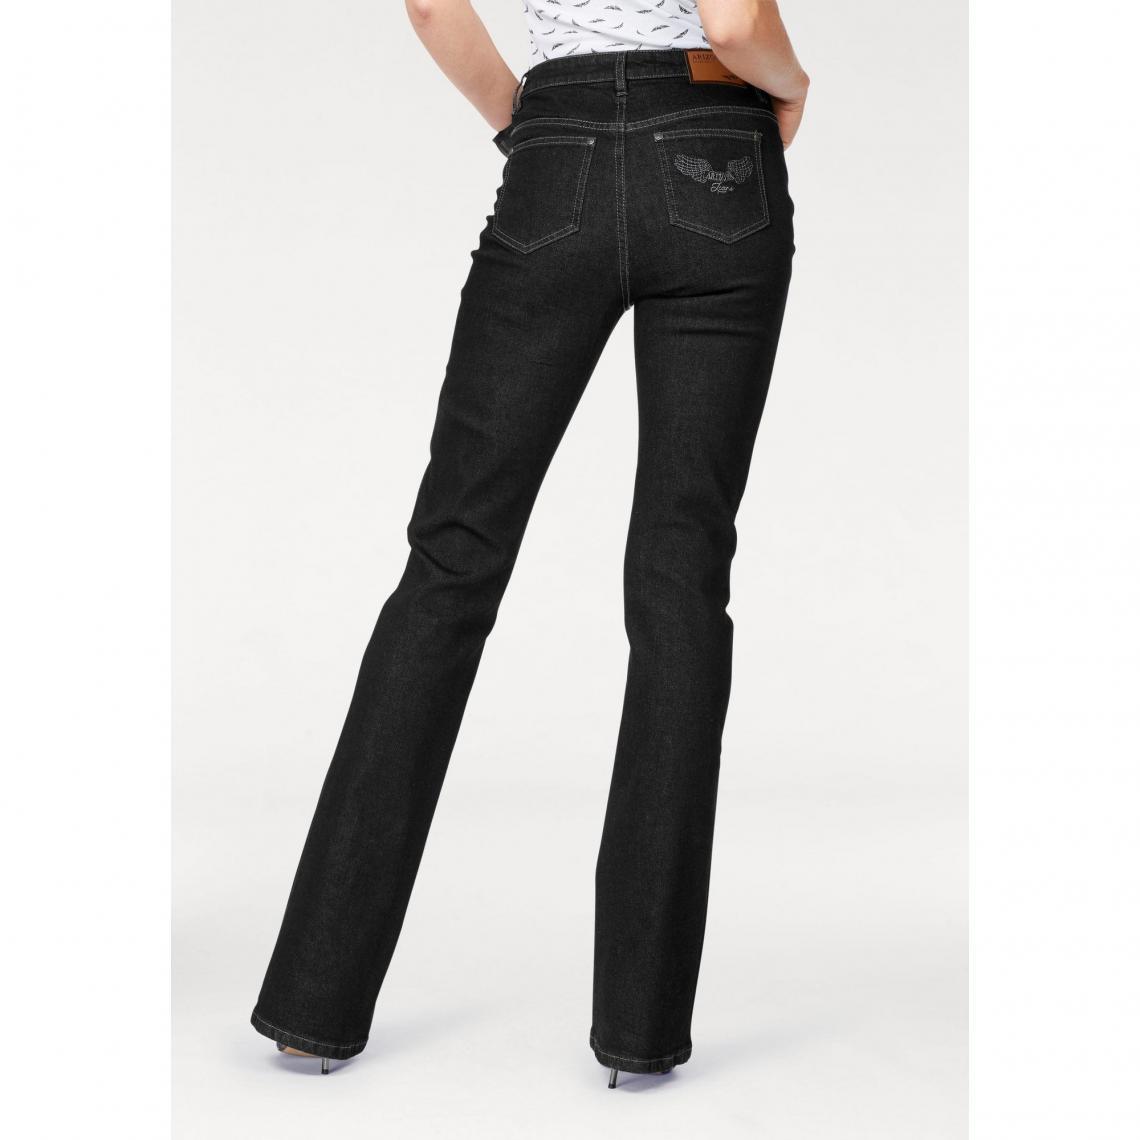 Arizona Extra Bootcut Noir 3suisses Confort Taille Haute Femme Jean nqgxwZYBn